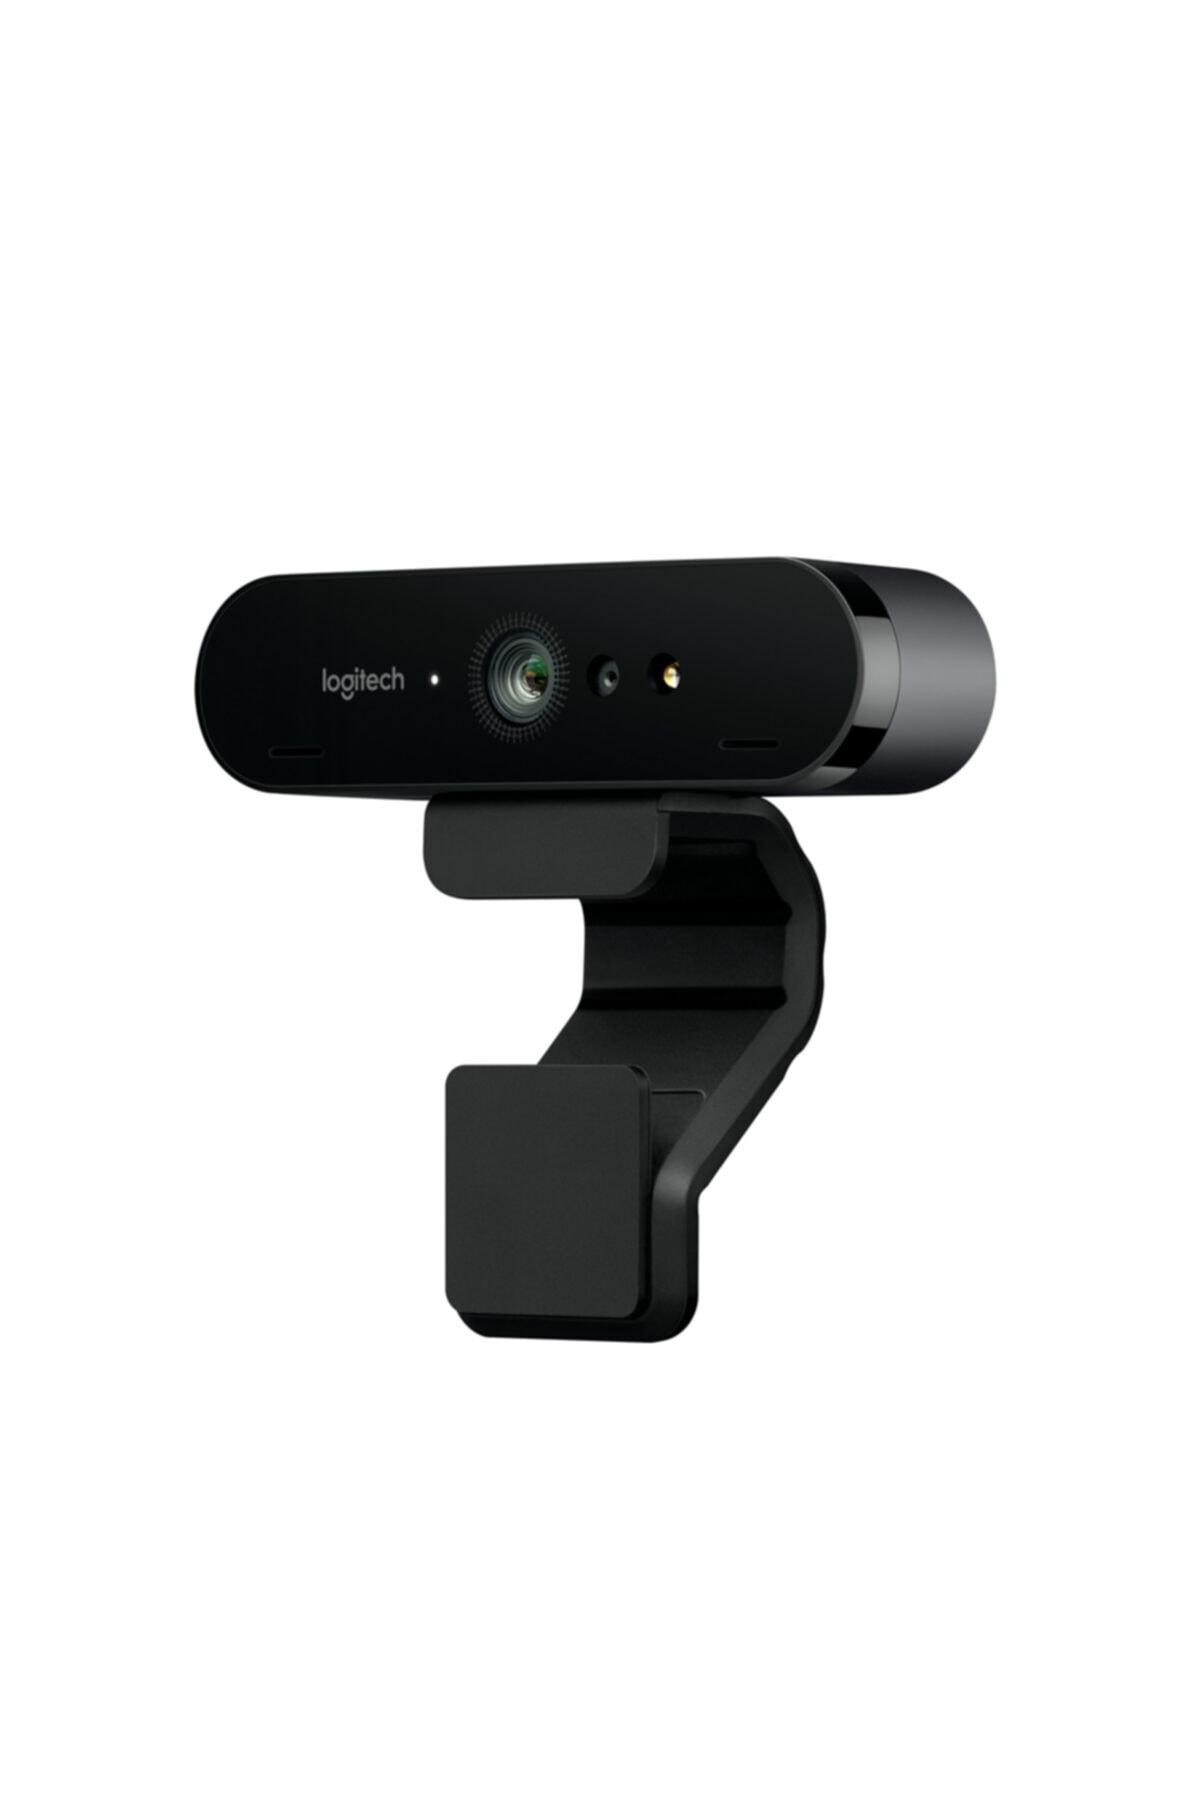 logitech 960-001106 Brio 4k Ultra Hd Webcam V-u0040 1